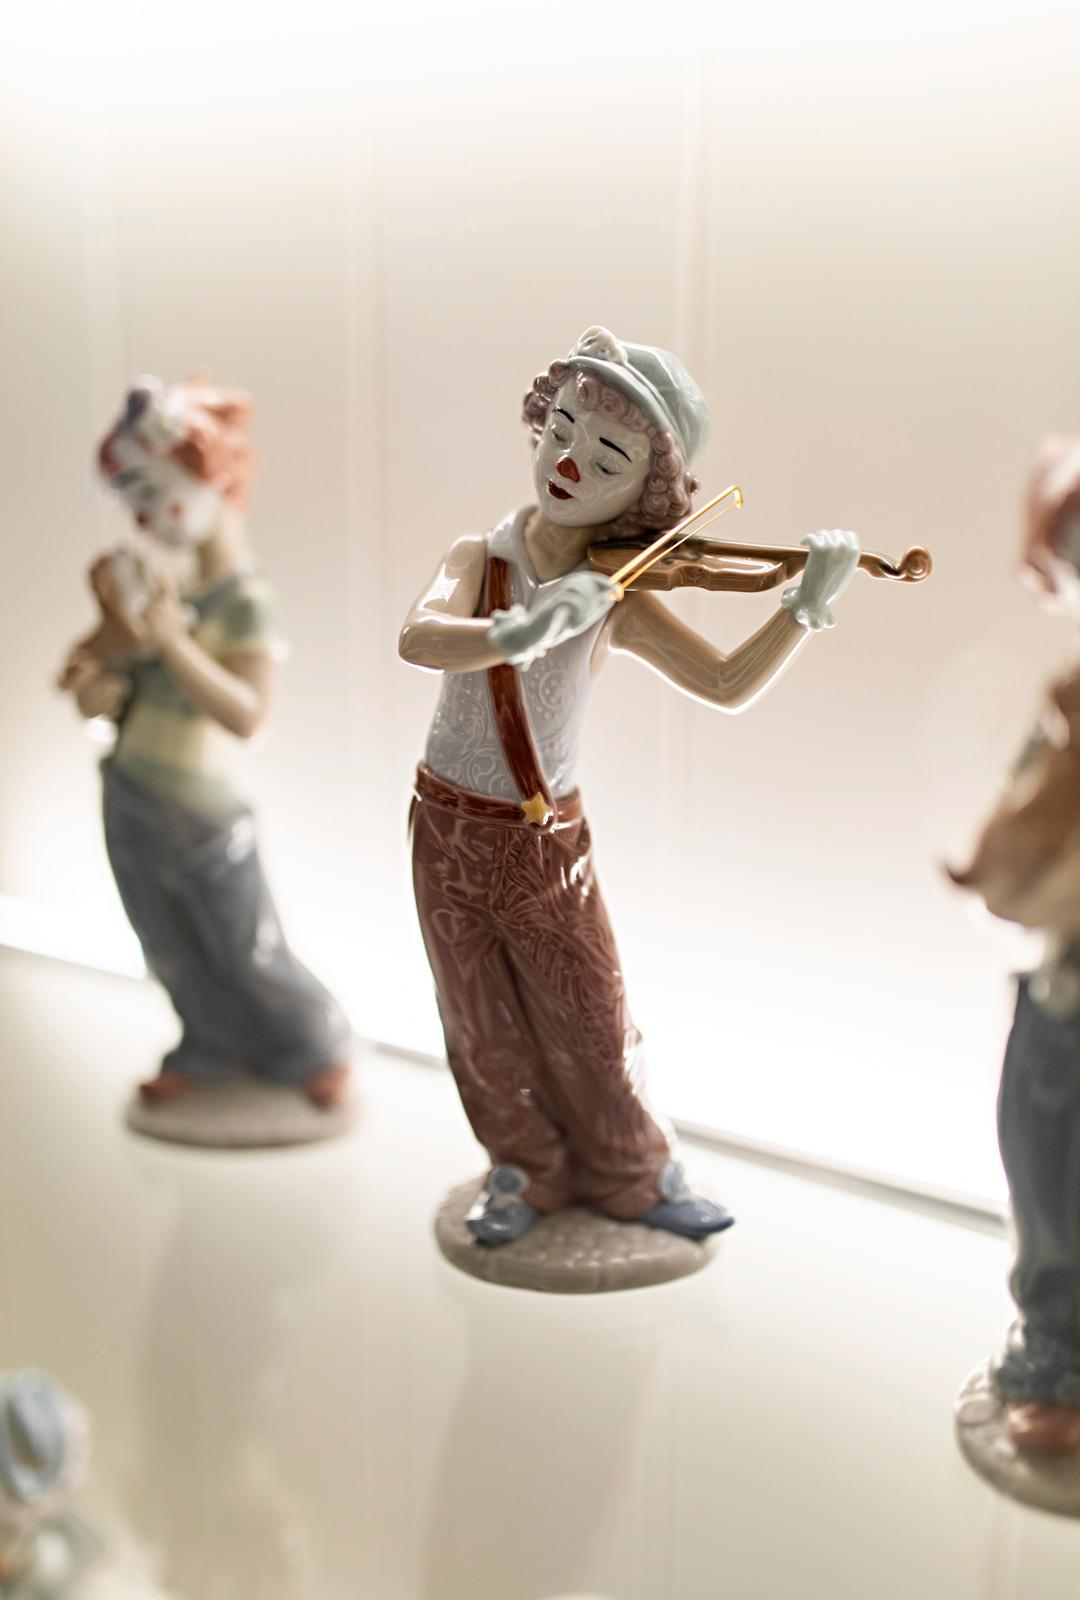 Llardon figuurit ovat muistoja matkoilta, joita Armi teki yhdessä miehensä kanssa.